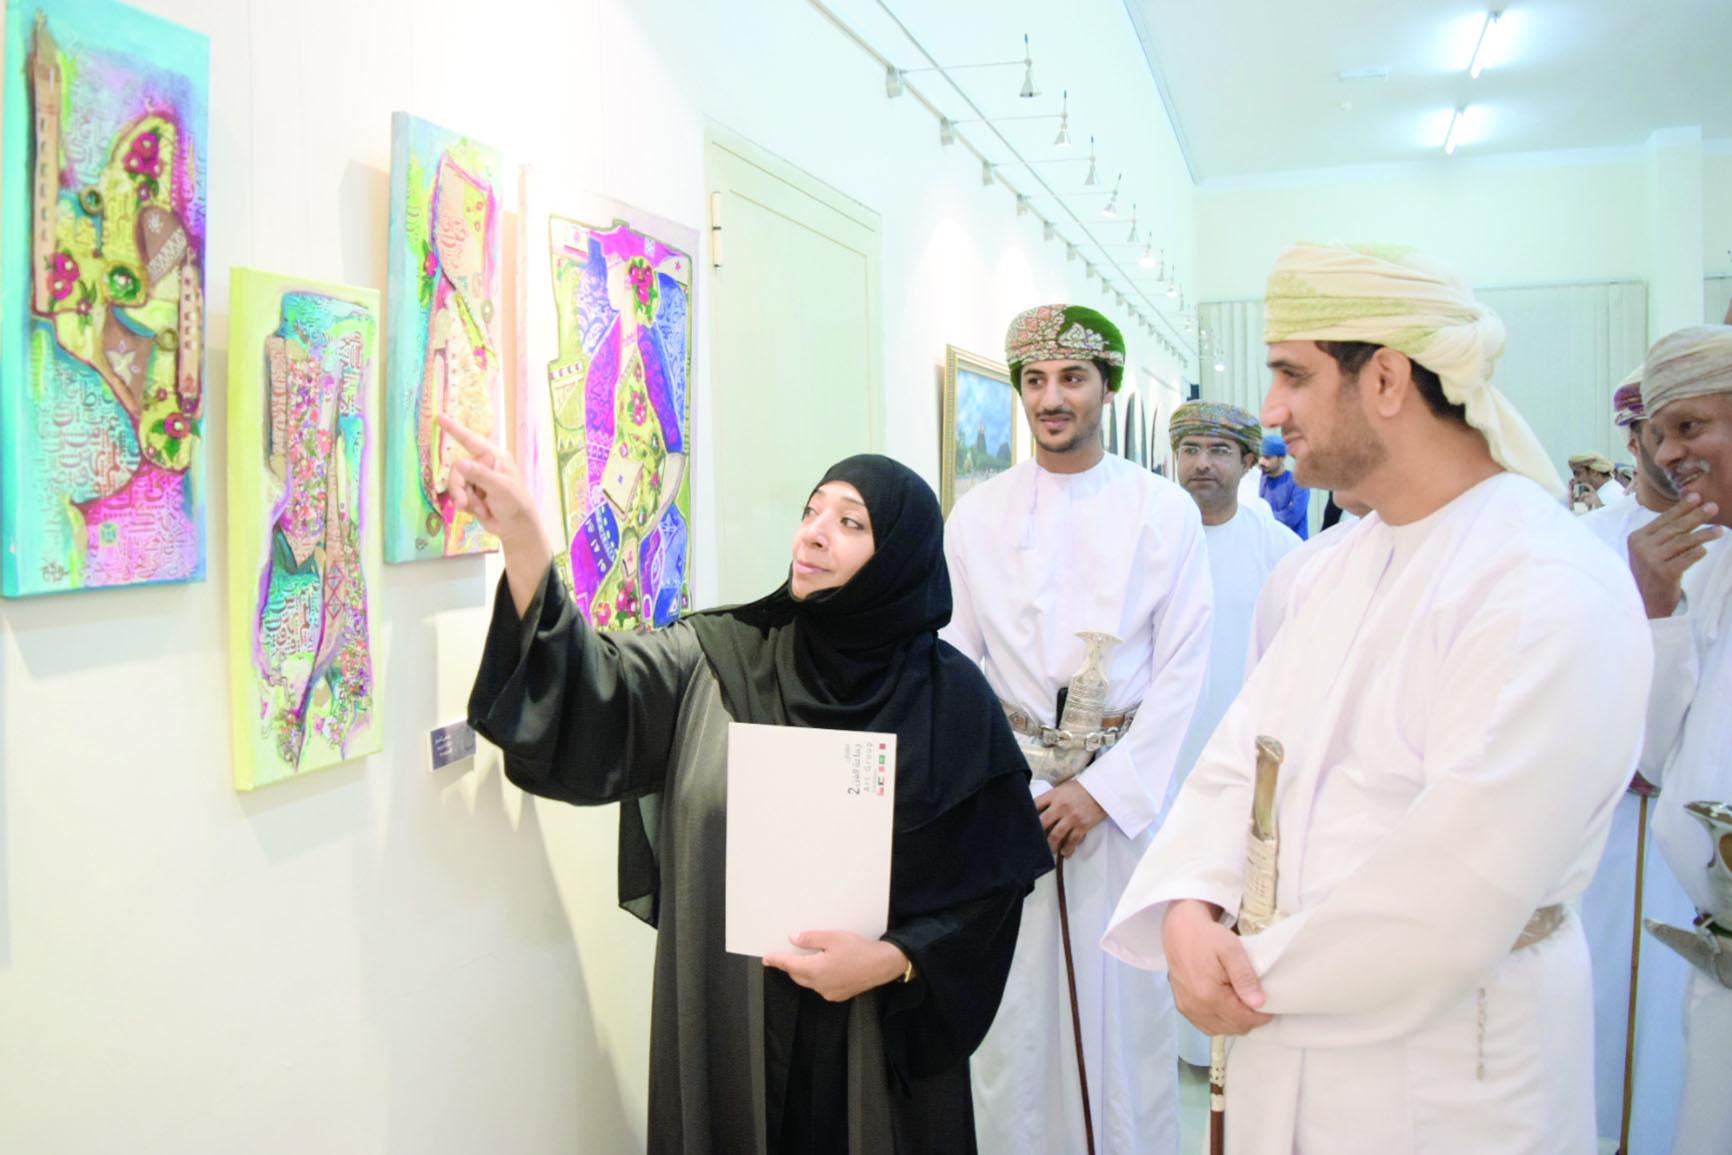 افتتاح معرض جماعة الفن الثاني بولاية صحار